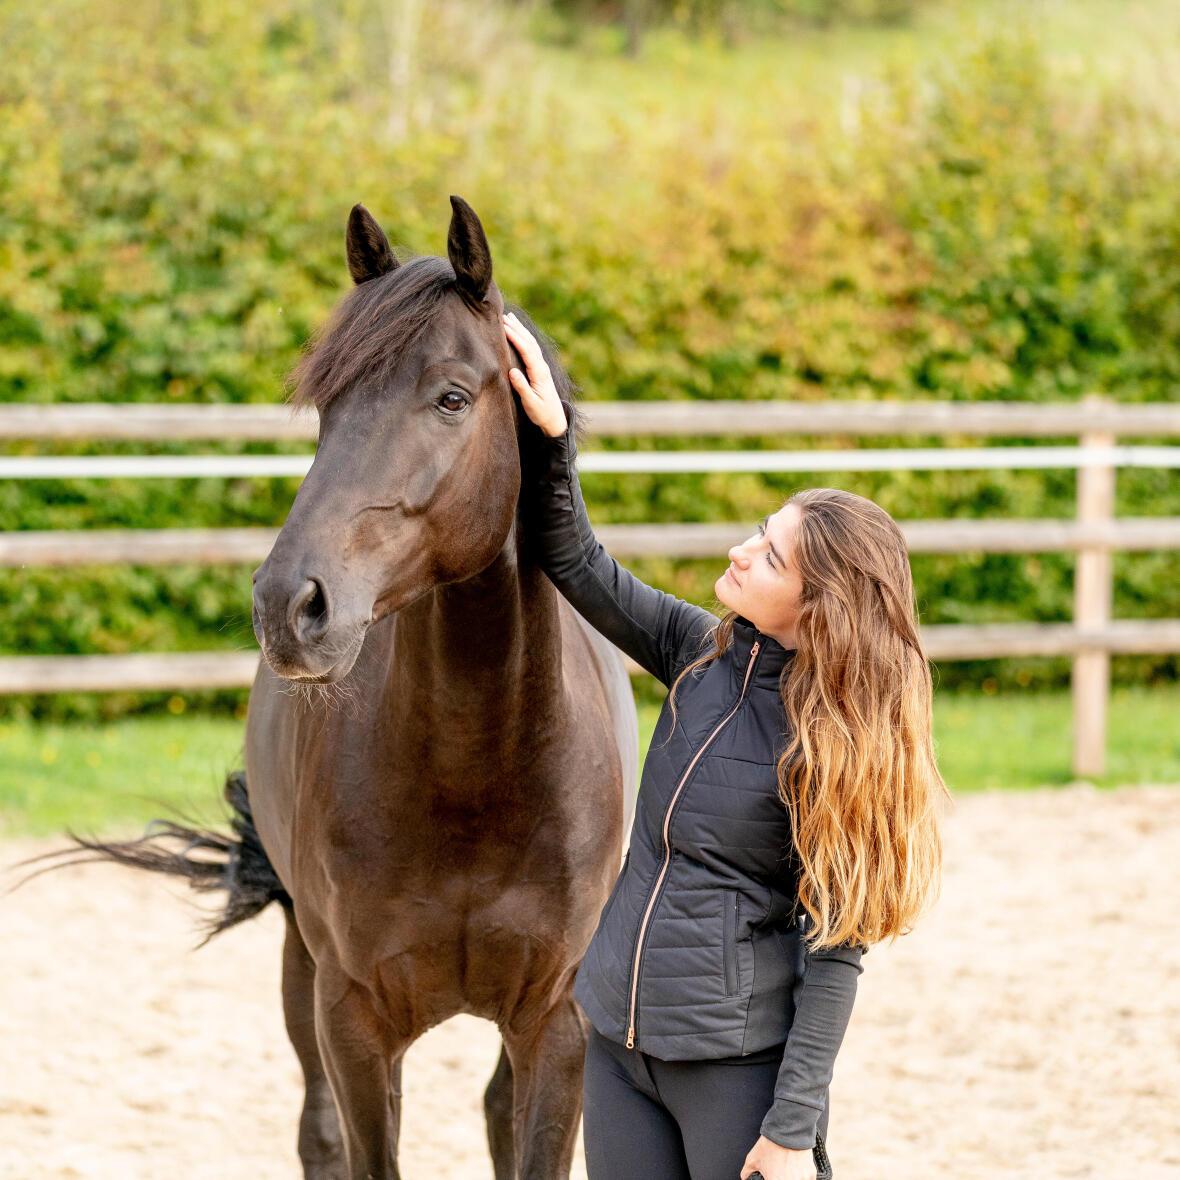 renforcement-punition-cheval-équitation-conditionnement-R+-R-